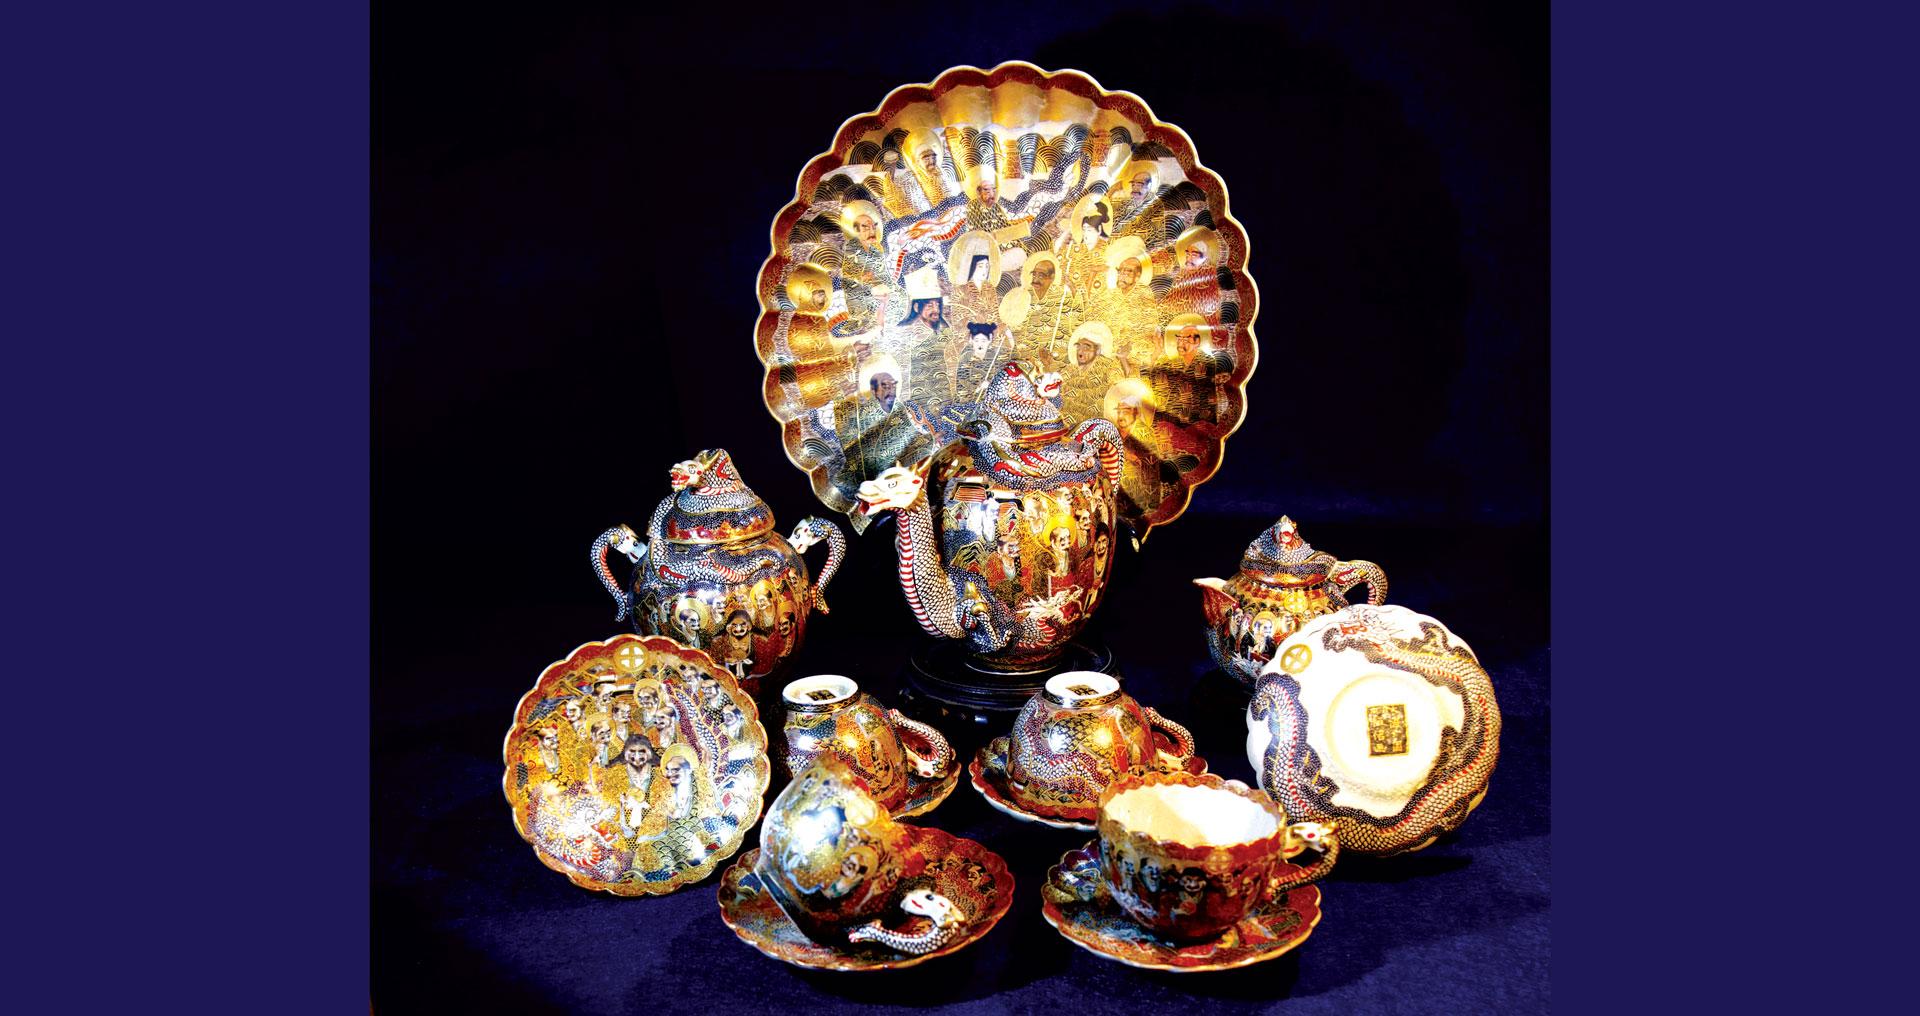 Gặp gỡ nhóm sưu tập gốm cổ Nhật ảnh 3